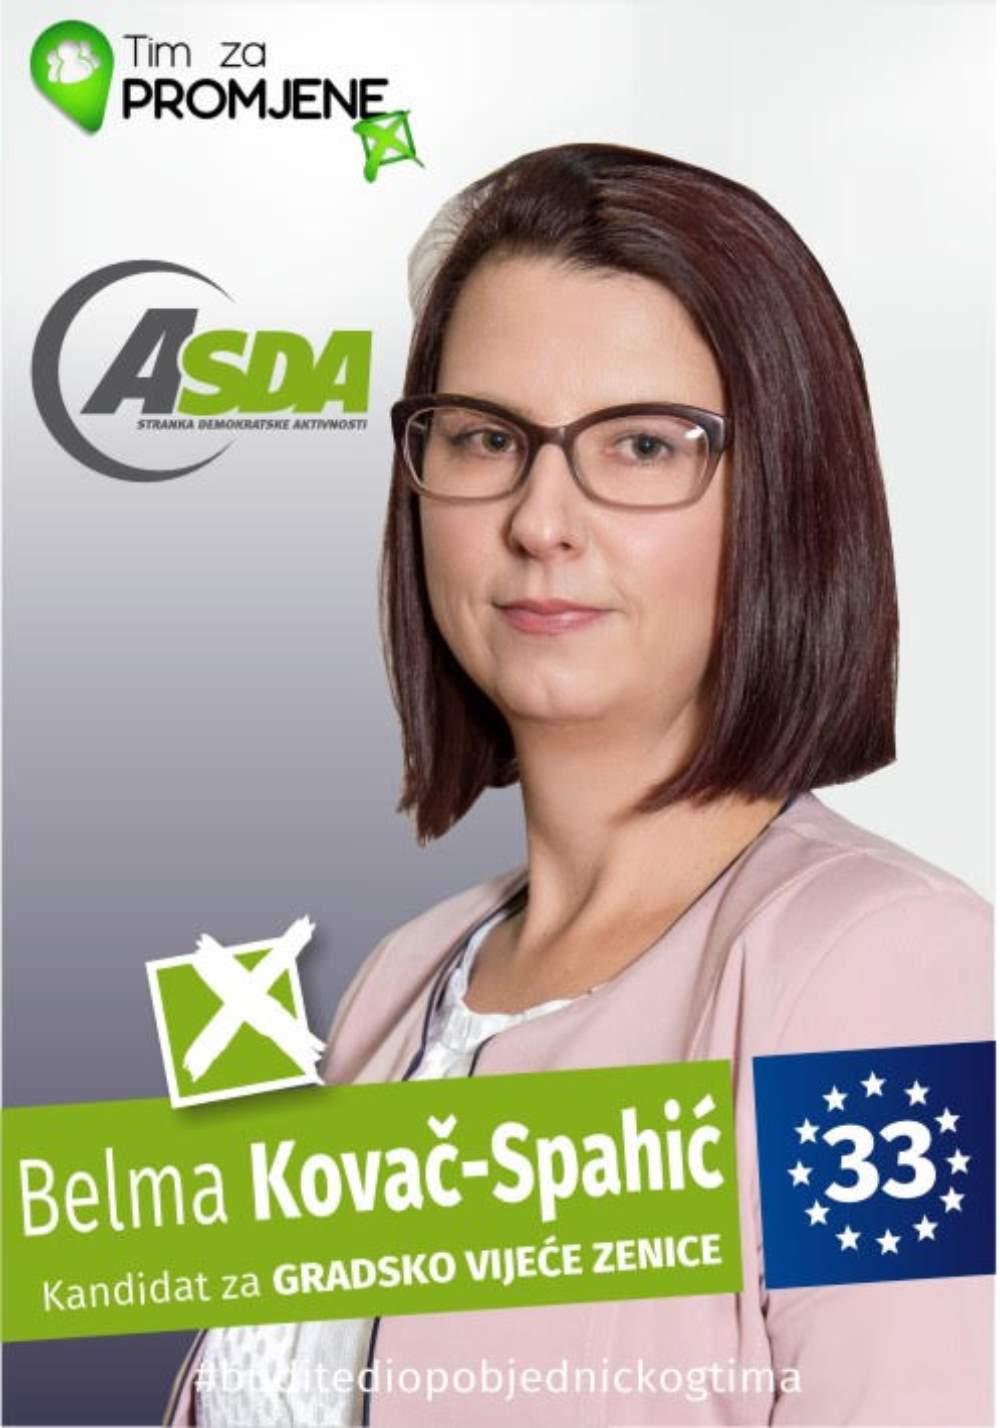 Belma Kovač - Spahić